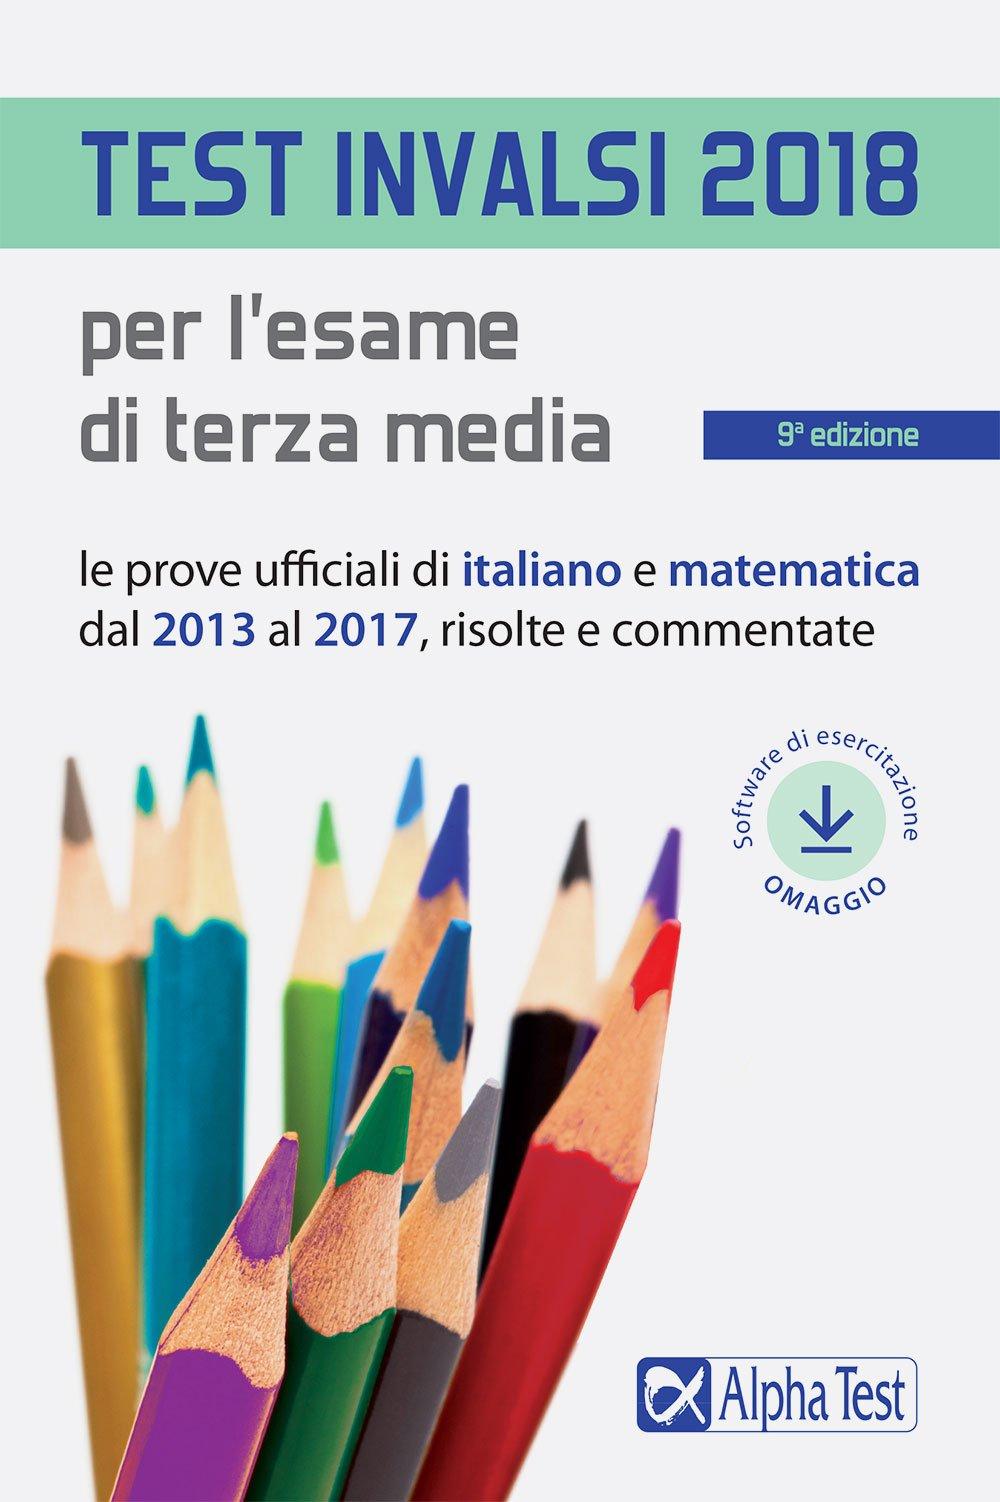 Test Invalsi 2018 Per Lesame Di Terza Media Le Prove Ufficiali Di